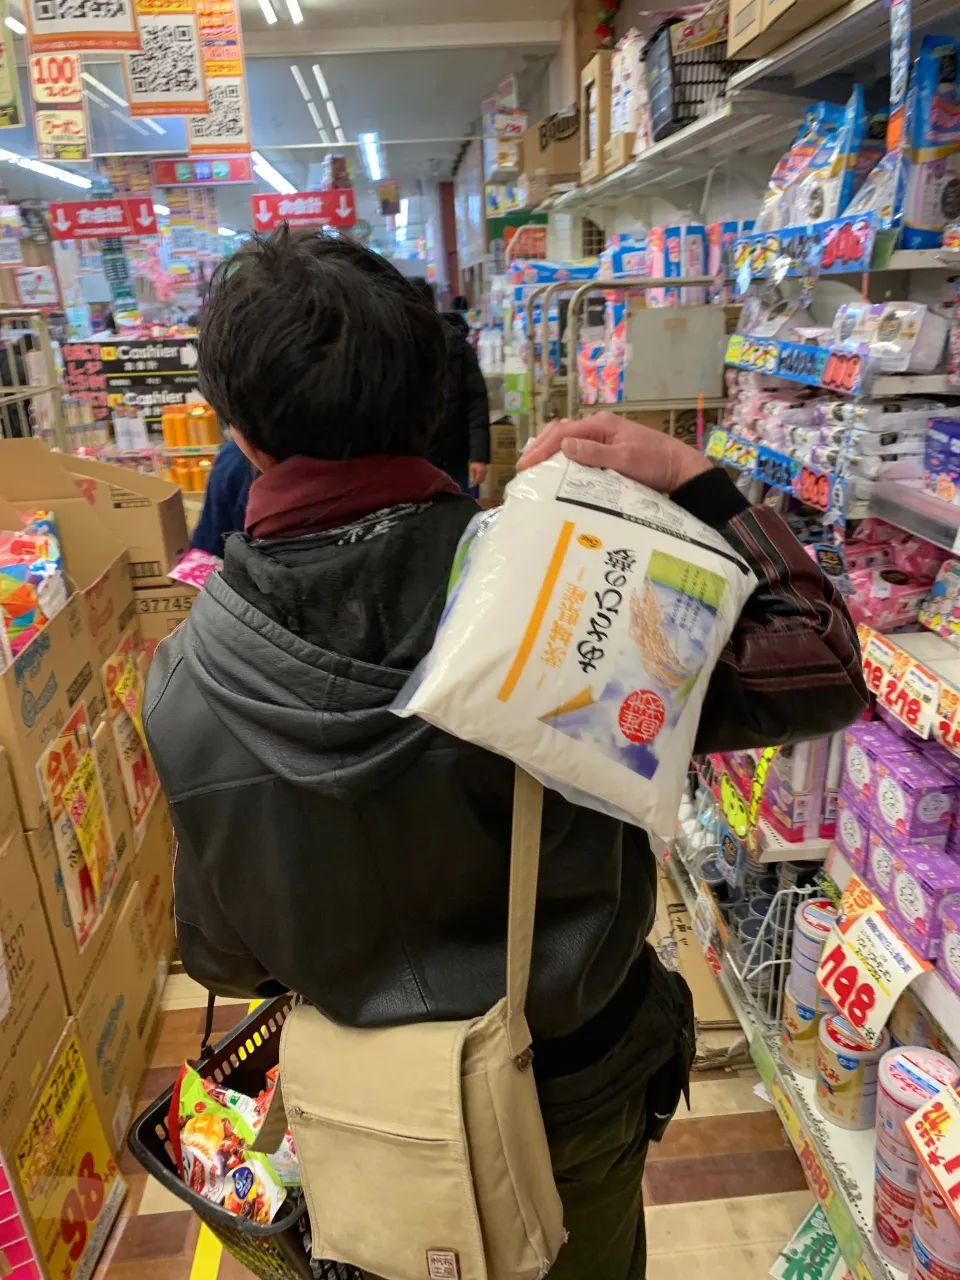 听说东京要封城,日本民众疯狂囤积物资!从大米到猪肉到泡面一扫而光...